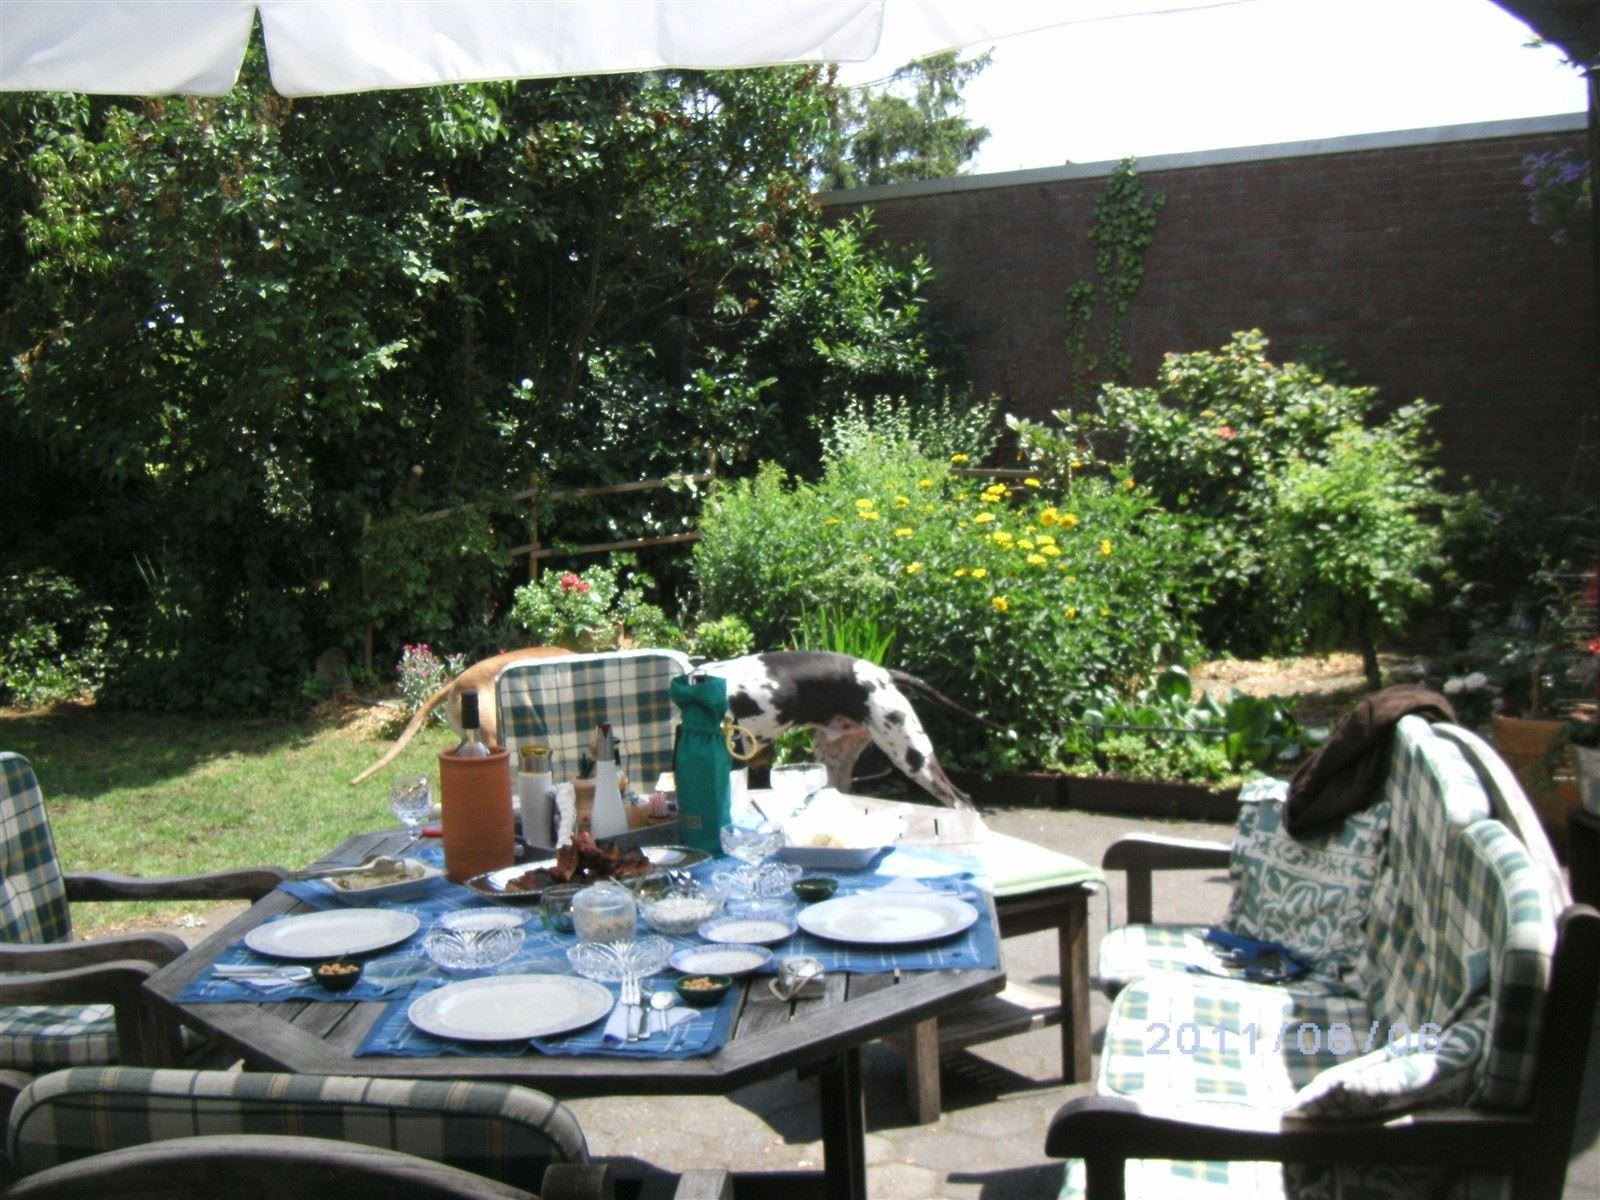 Ein gemütliches Mahl bei Sonnenschein auf der Terrasse